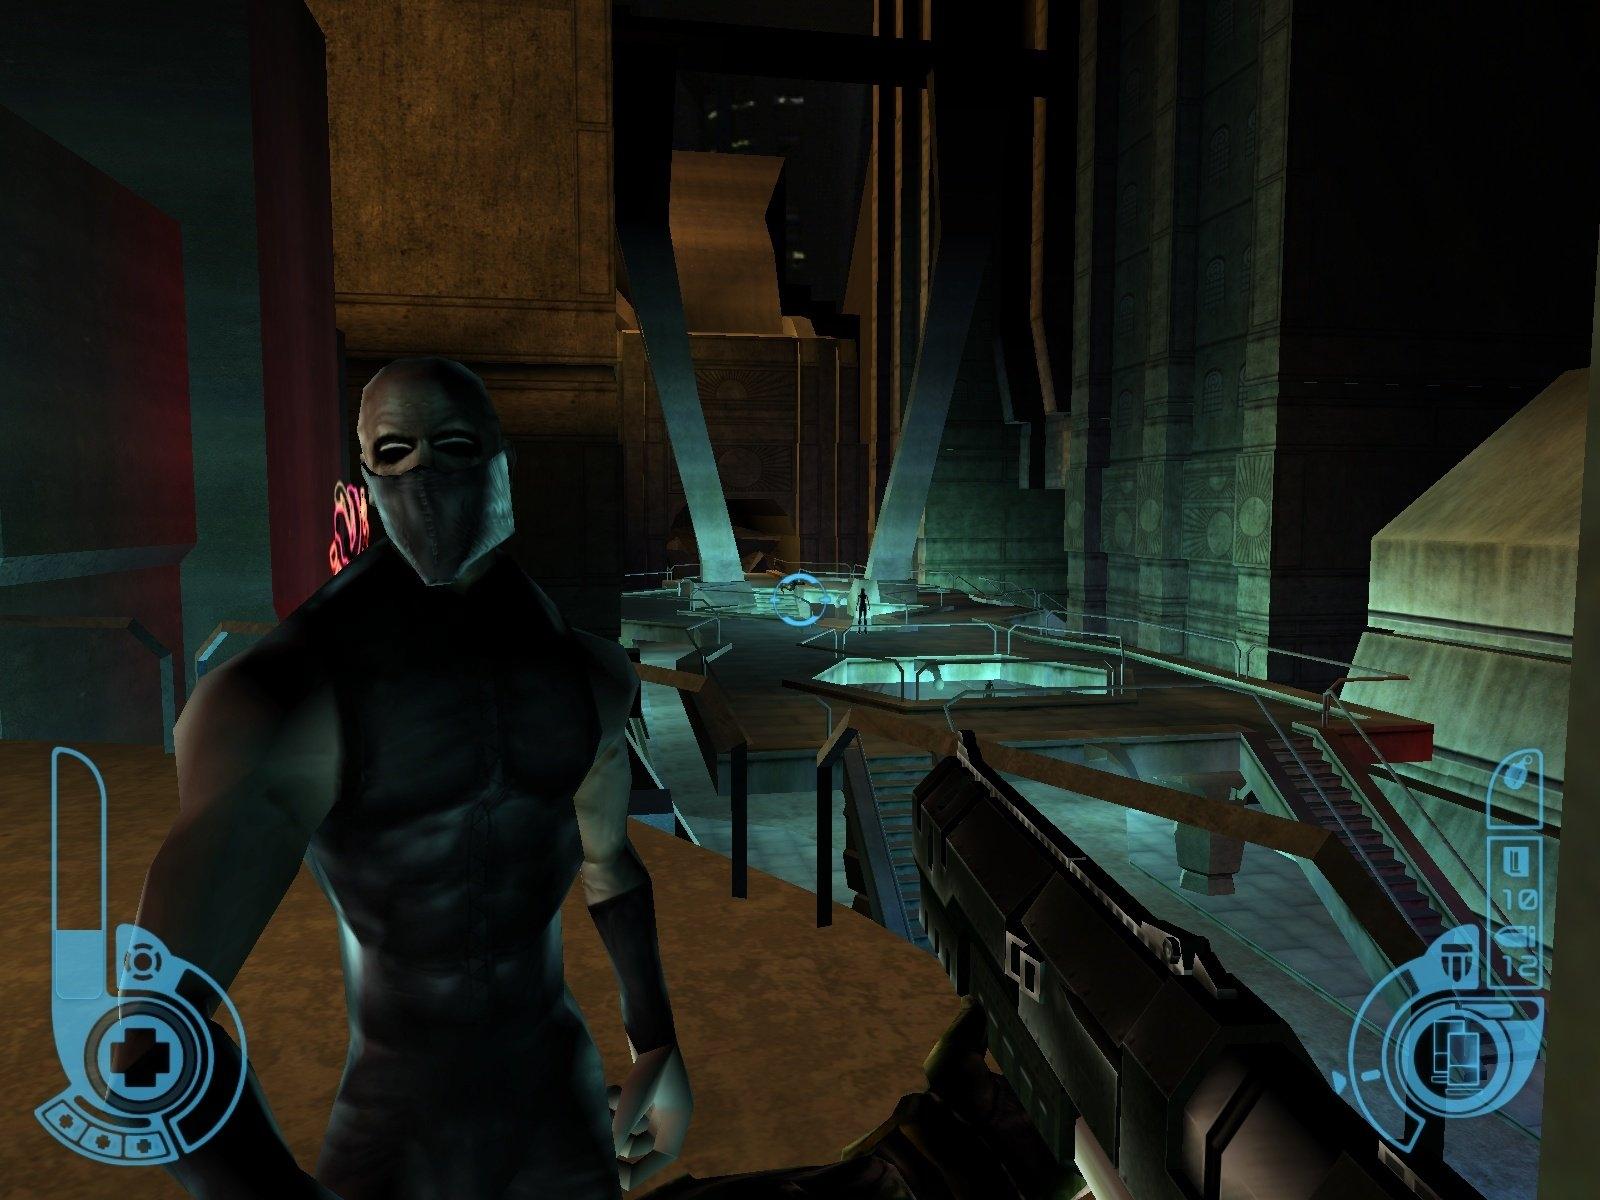 Скачать игру через торрент на компьютер gotika.